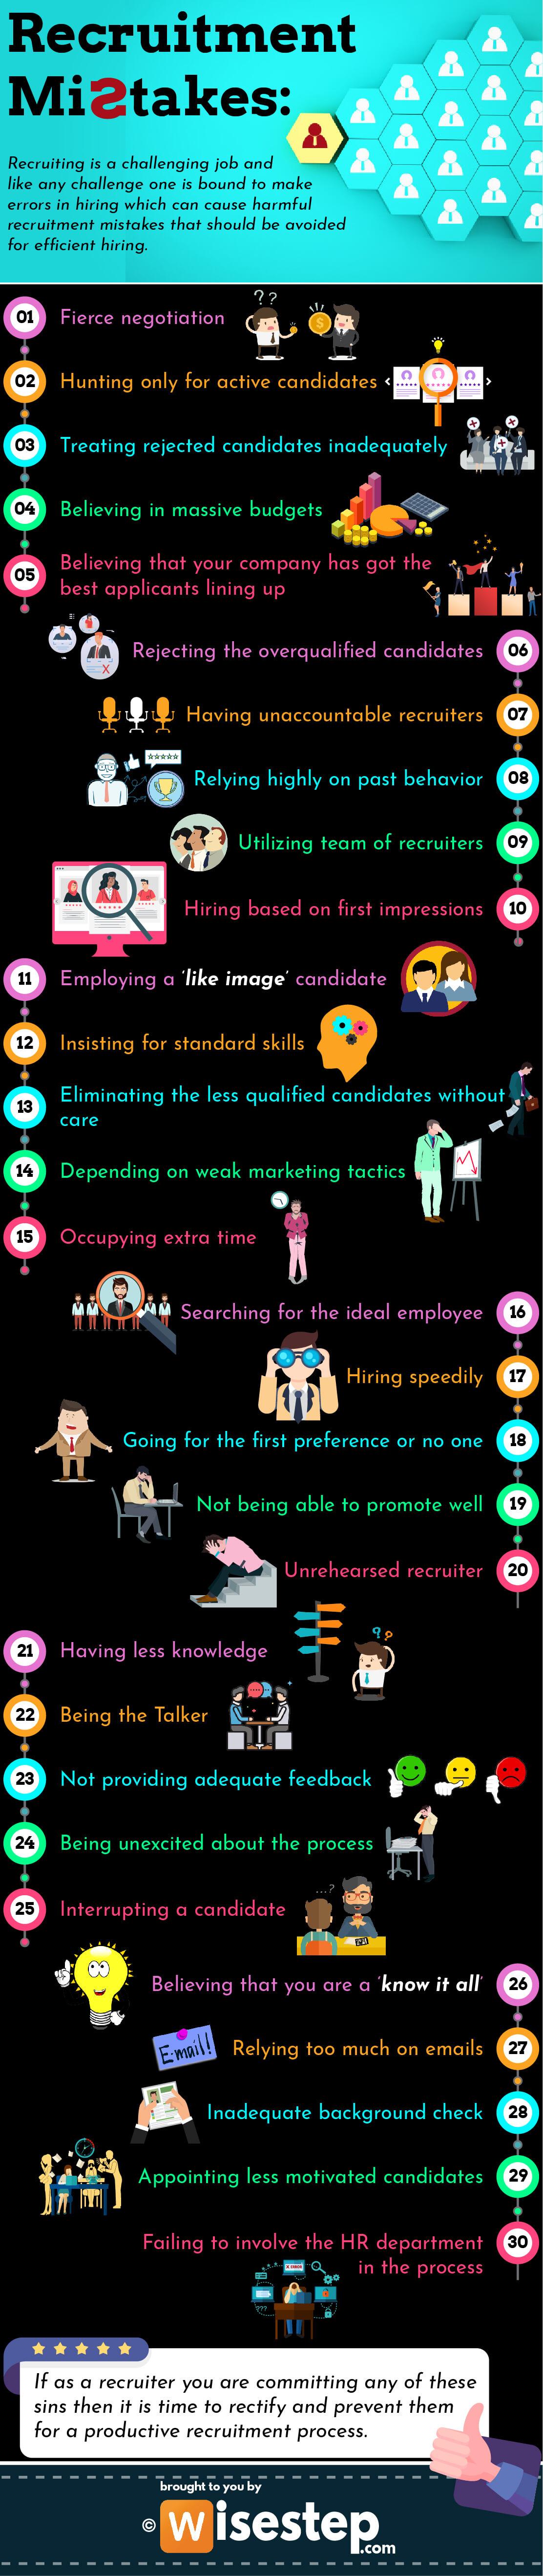 Recruitment mistakes